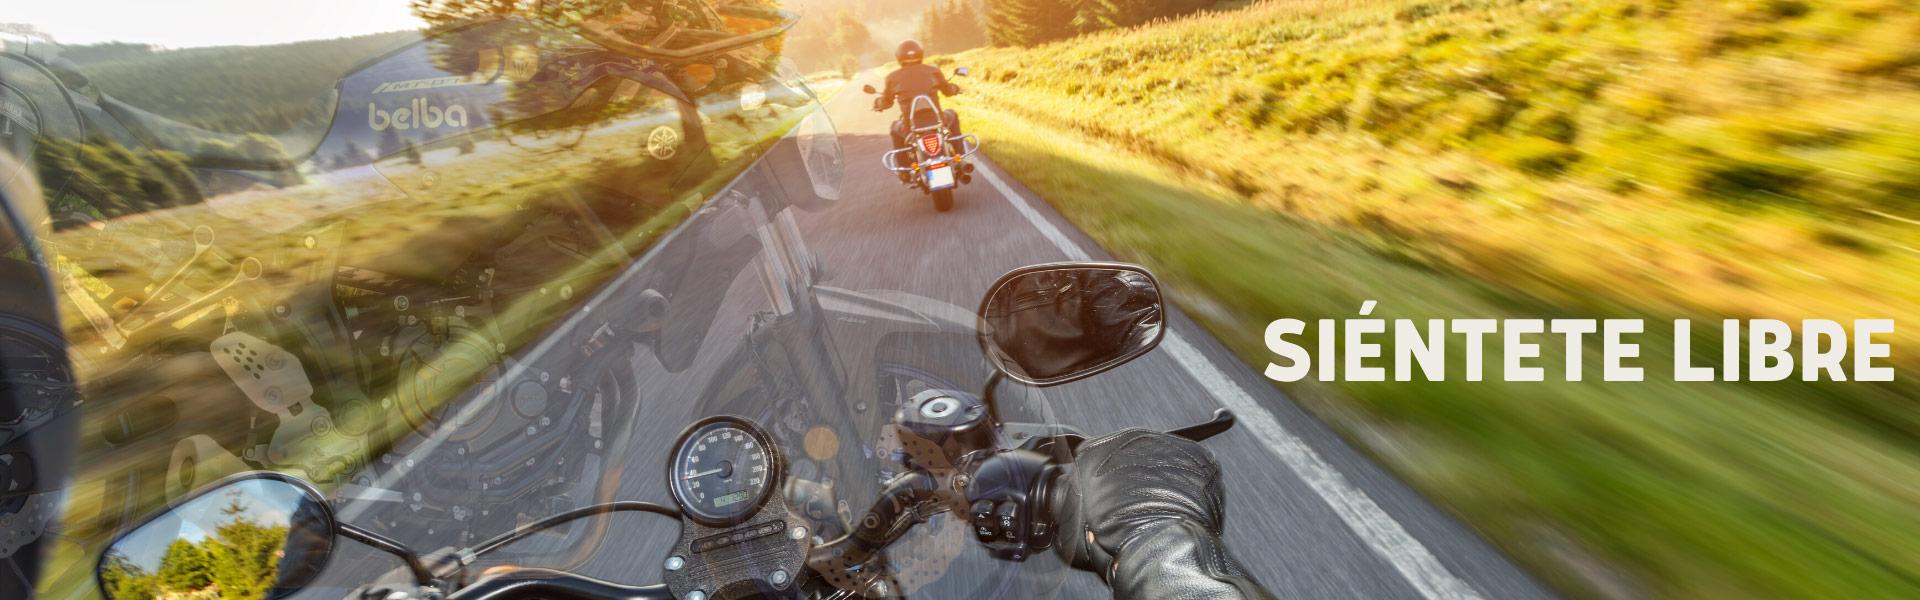 Carnet de moto en Castellón, permiso A2